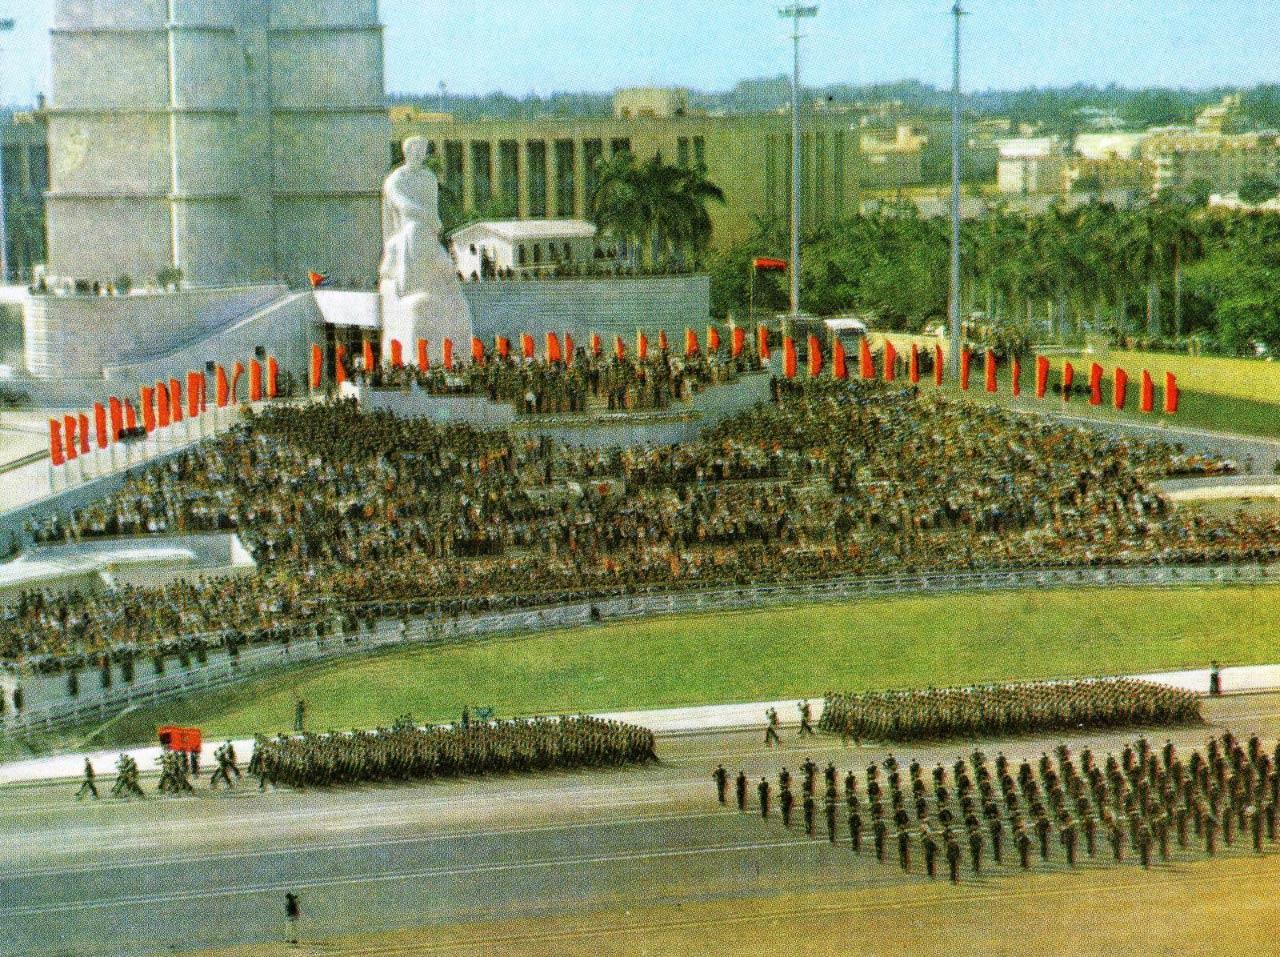 Площадь Революции, Хосе Марти, Гавана.